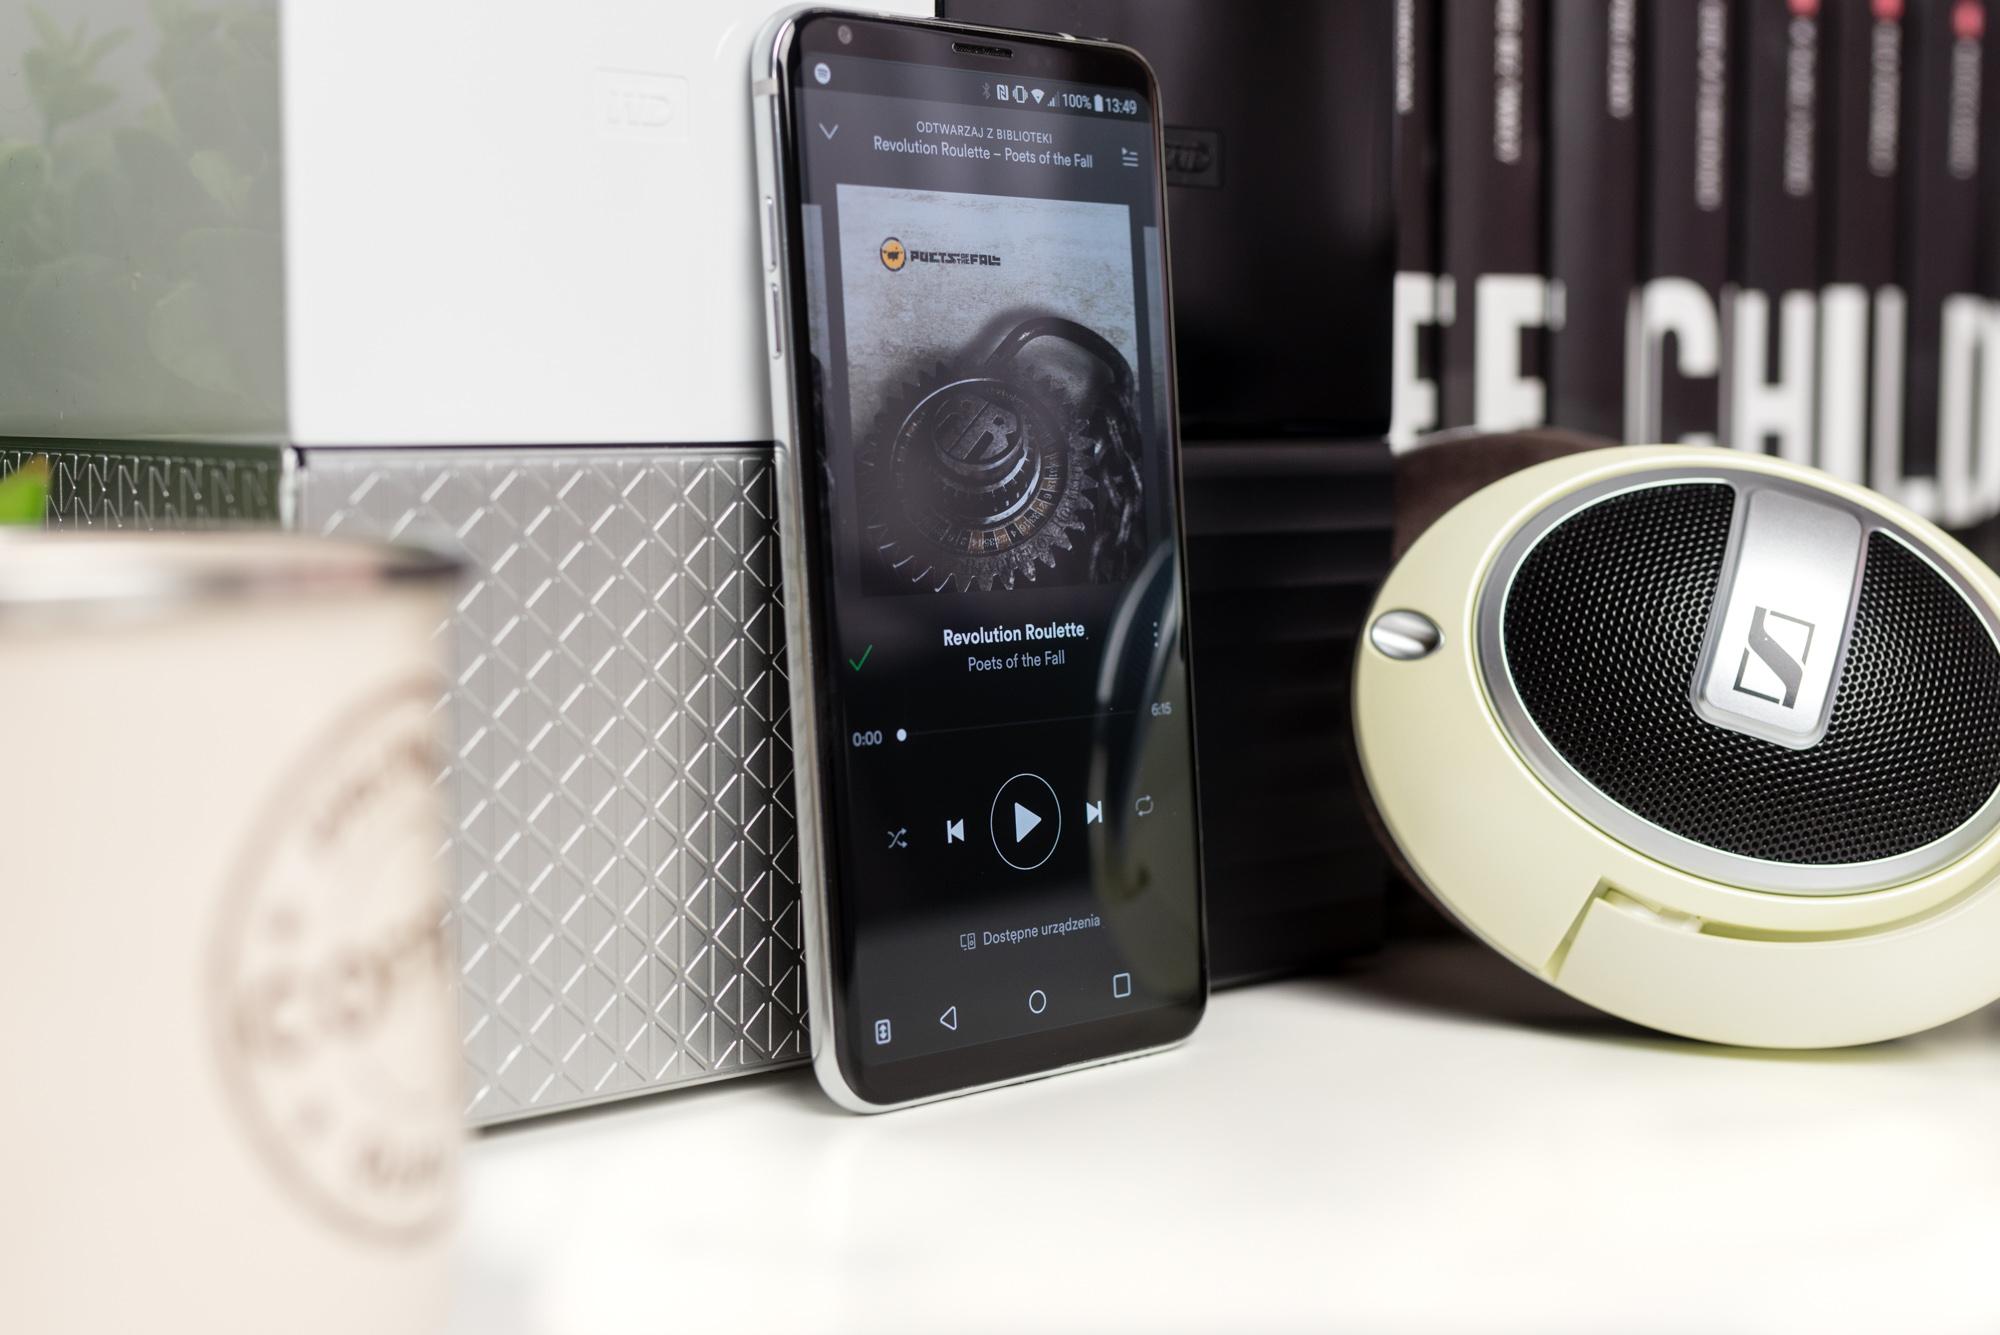 Glazbeni pametni telefon koji preuzima visokokvalitetnu glazbu s streaming usluga: Spotify i Tidal.